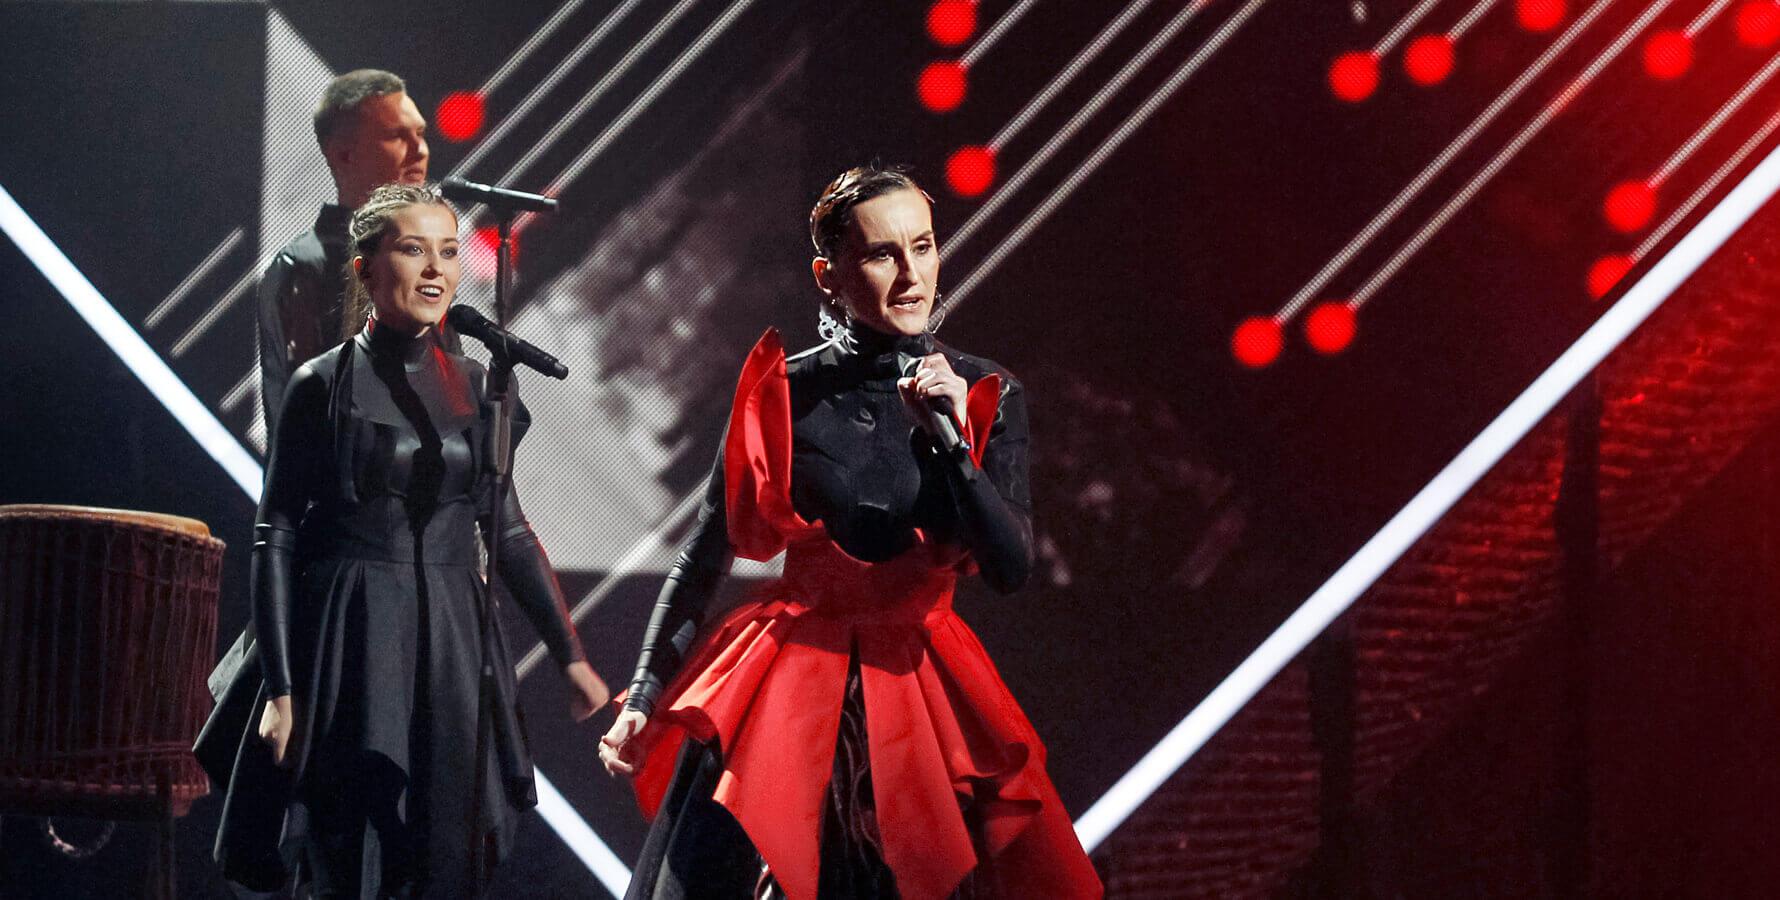 Украина попала в ТОП-10 лидеров Евровидения-2021 по версии букмекеров (видео)